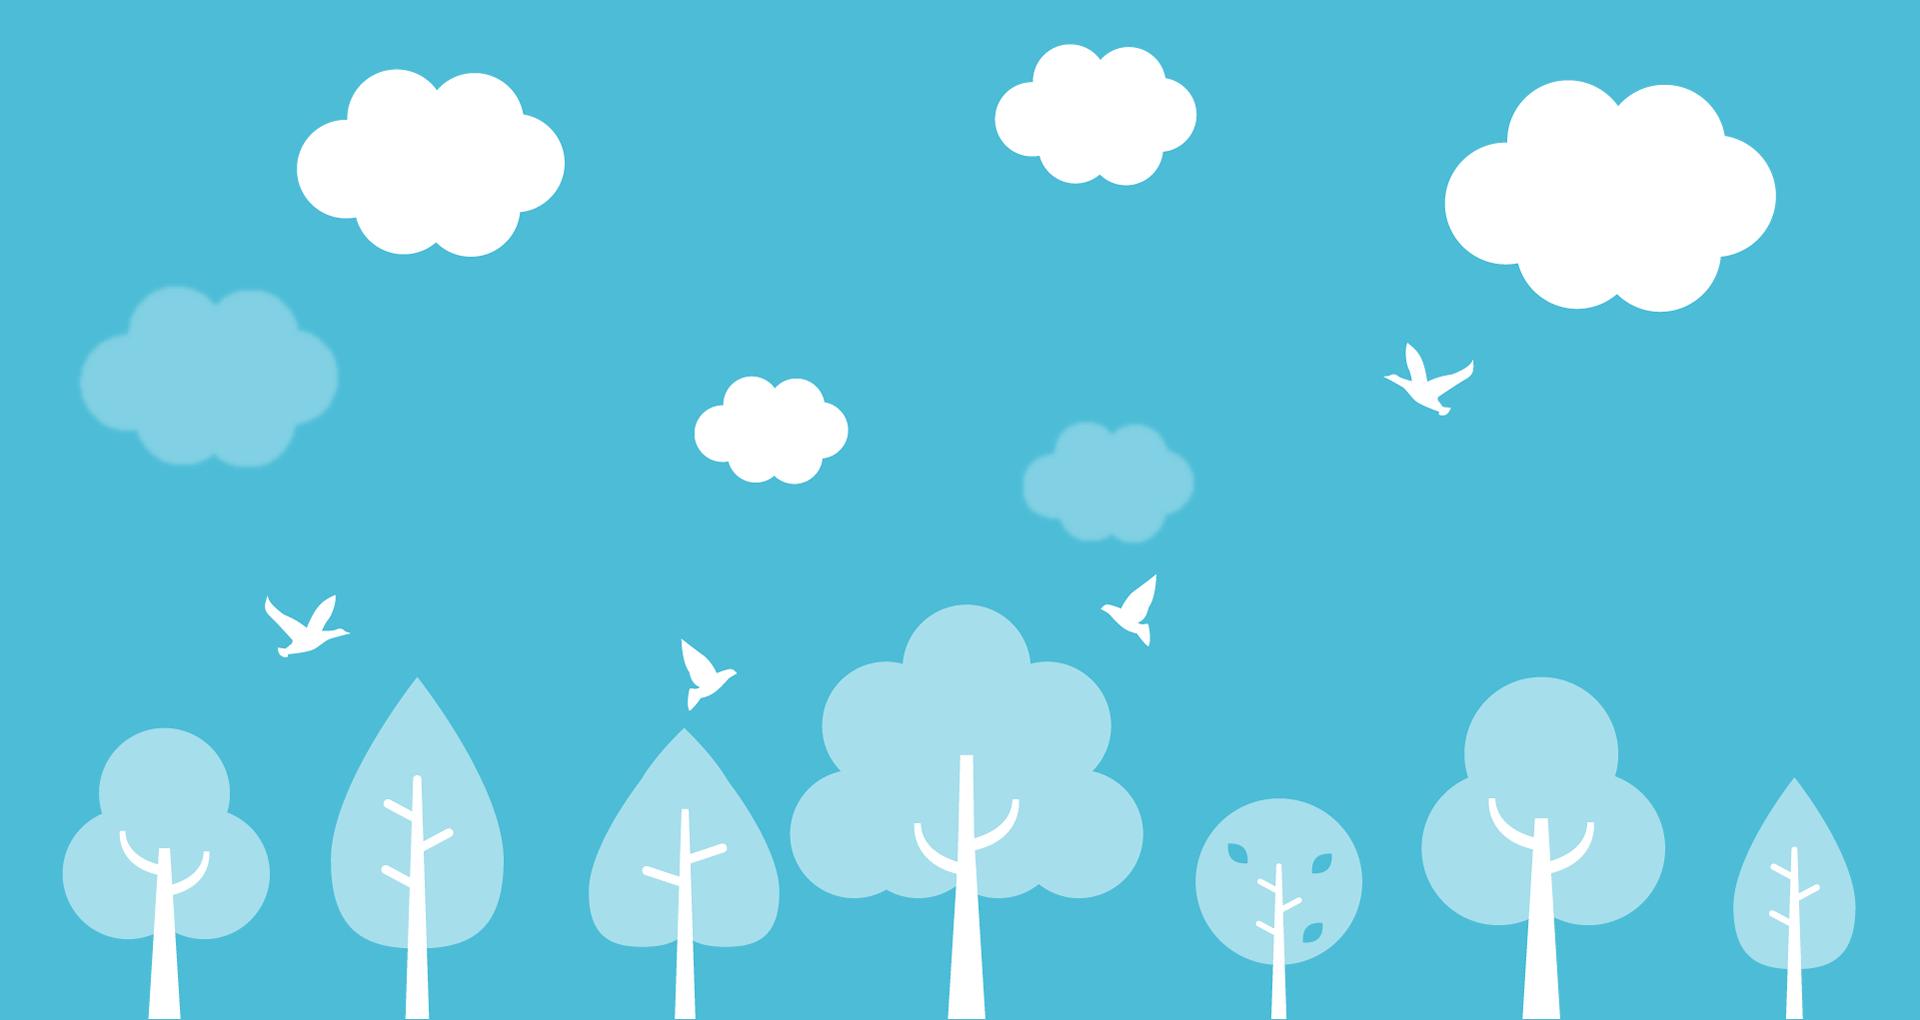 環境への取り組みの背景イメージ